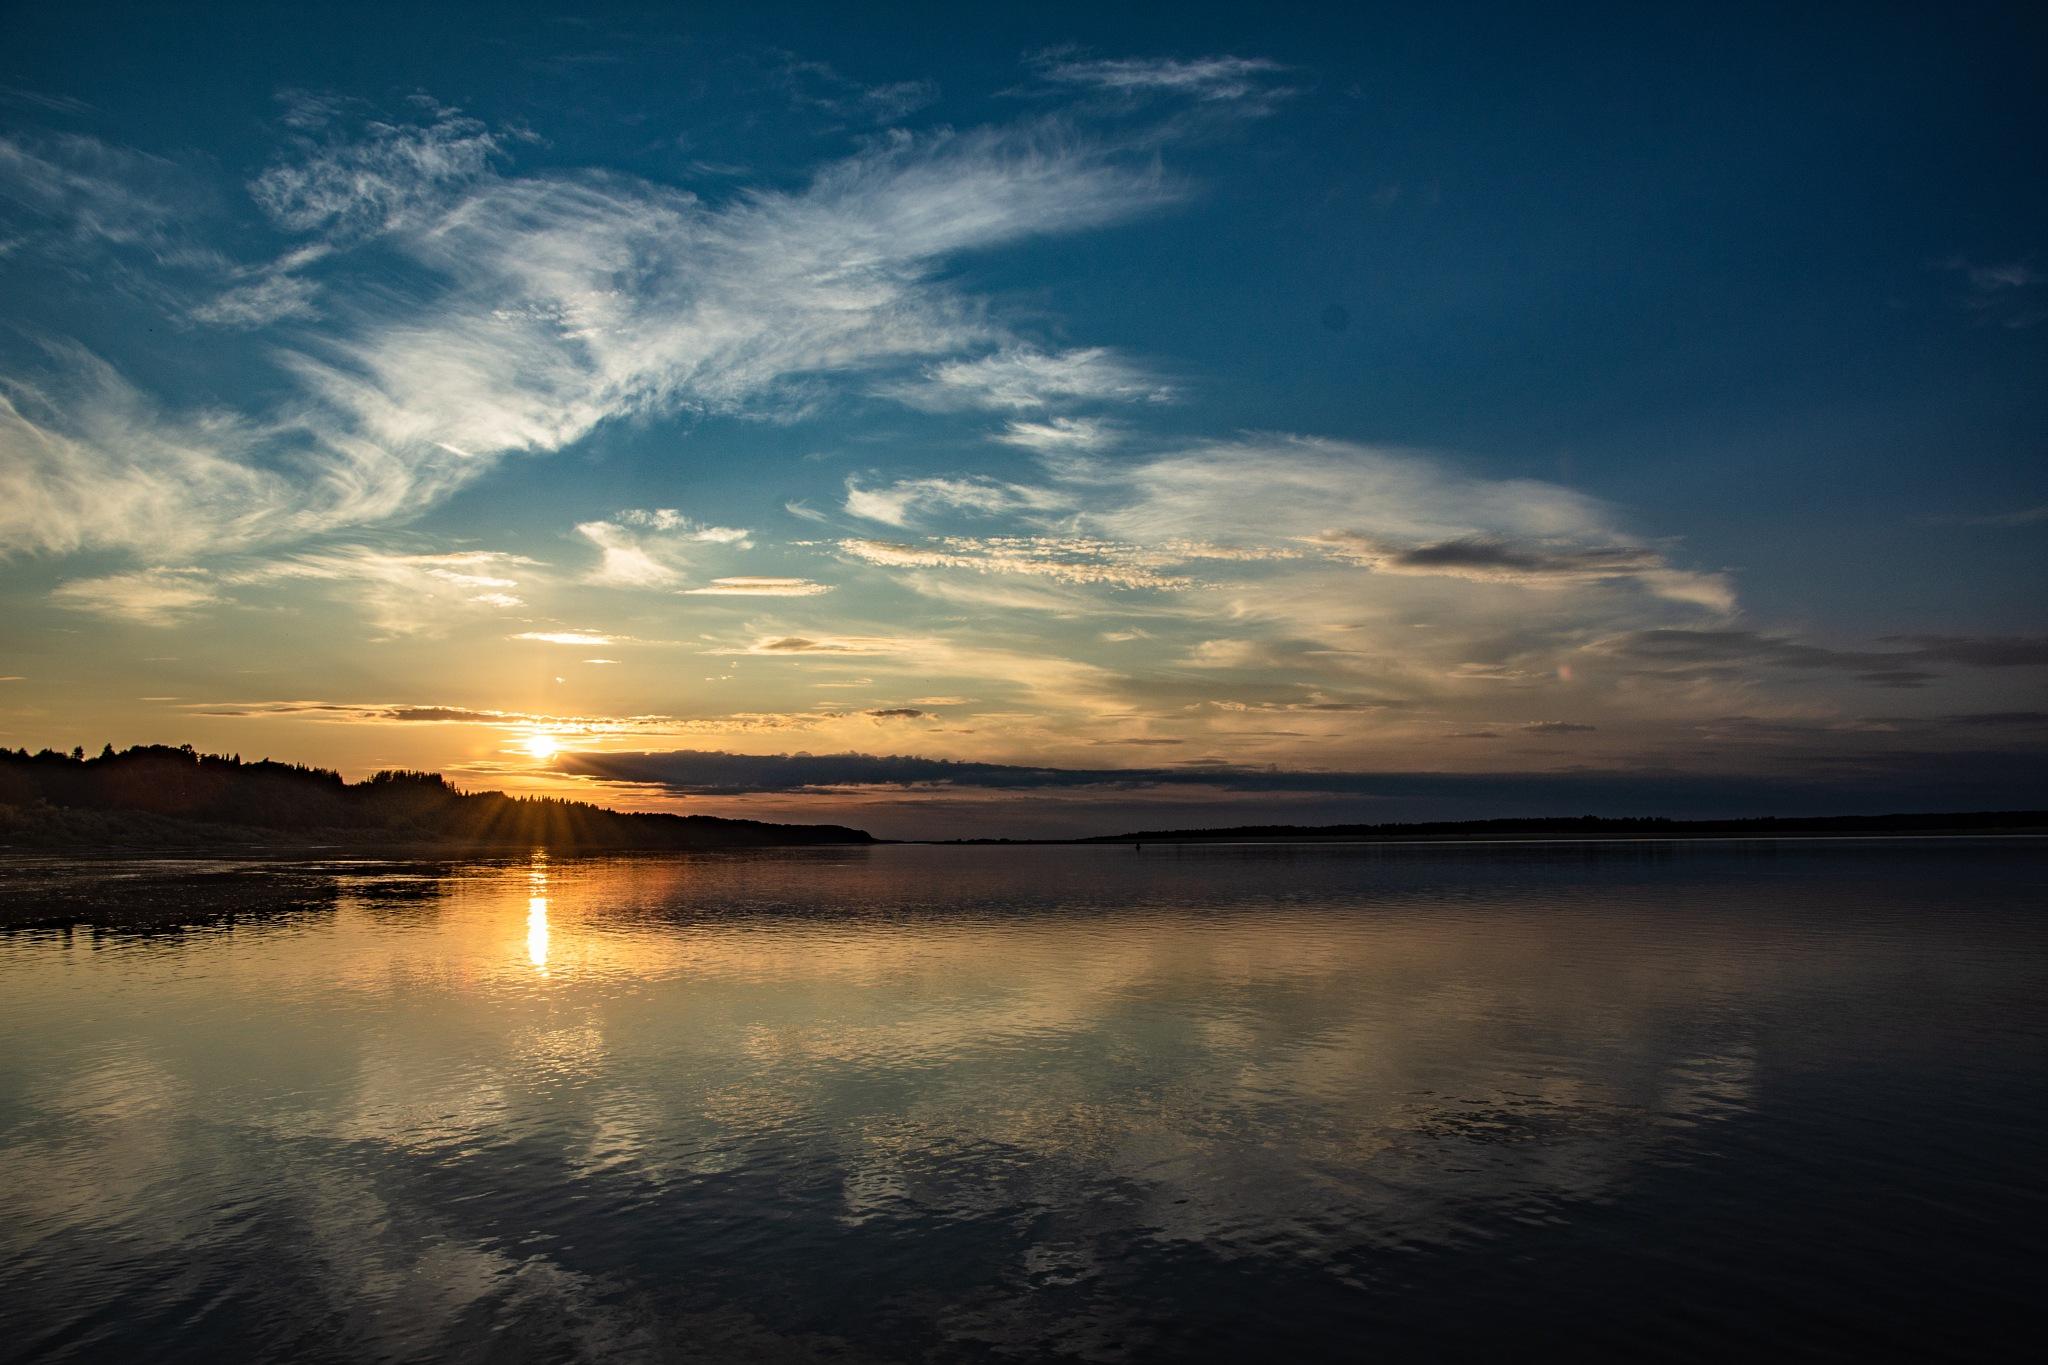 Evening, sunset .... by Maksim